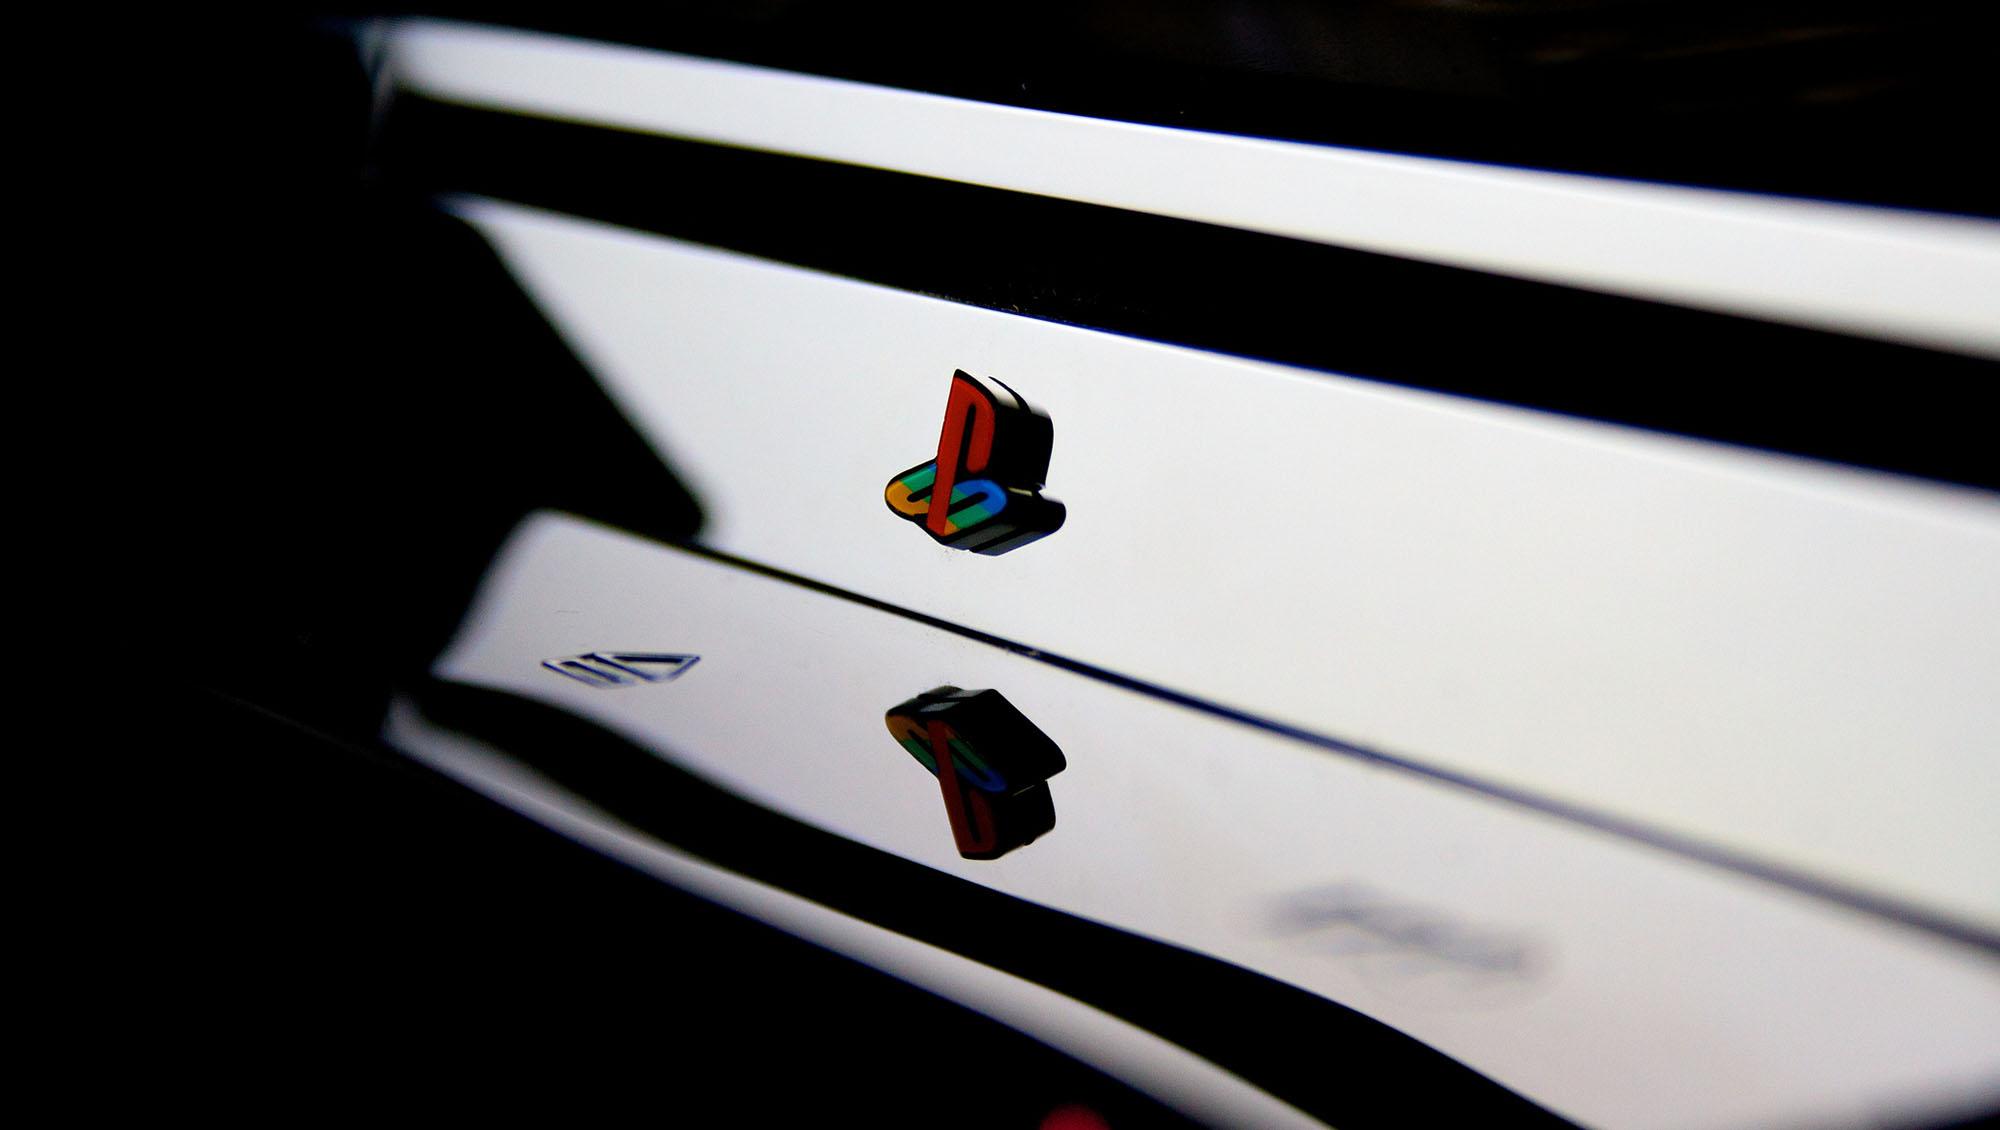 Finalement, Sony ne fermera pas le PlayStation Store sur PS3 et PSVita